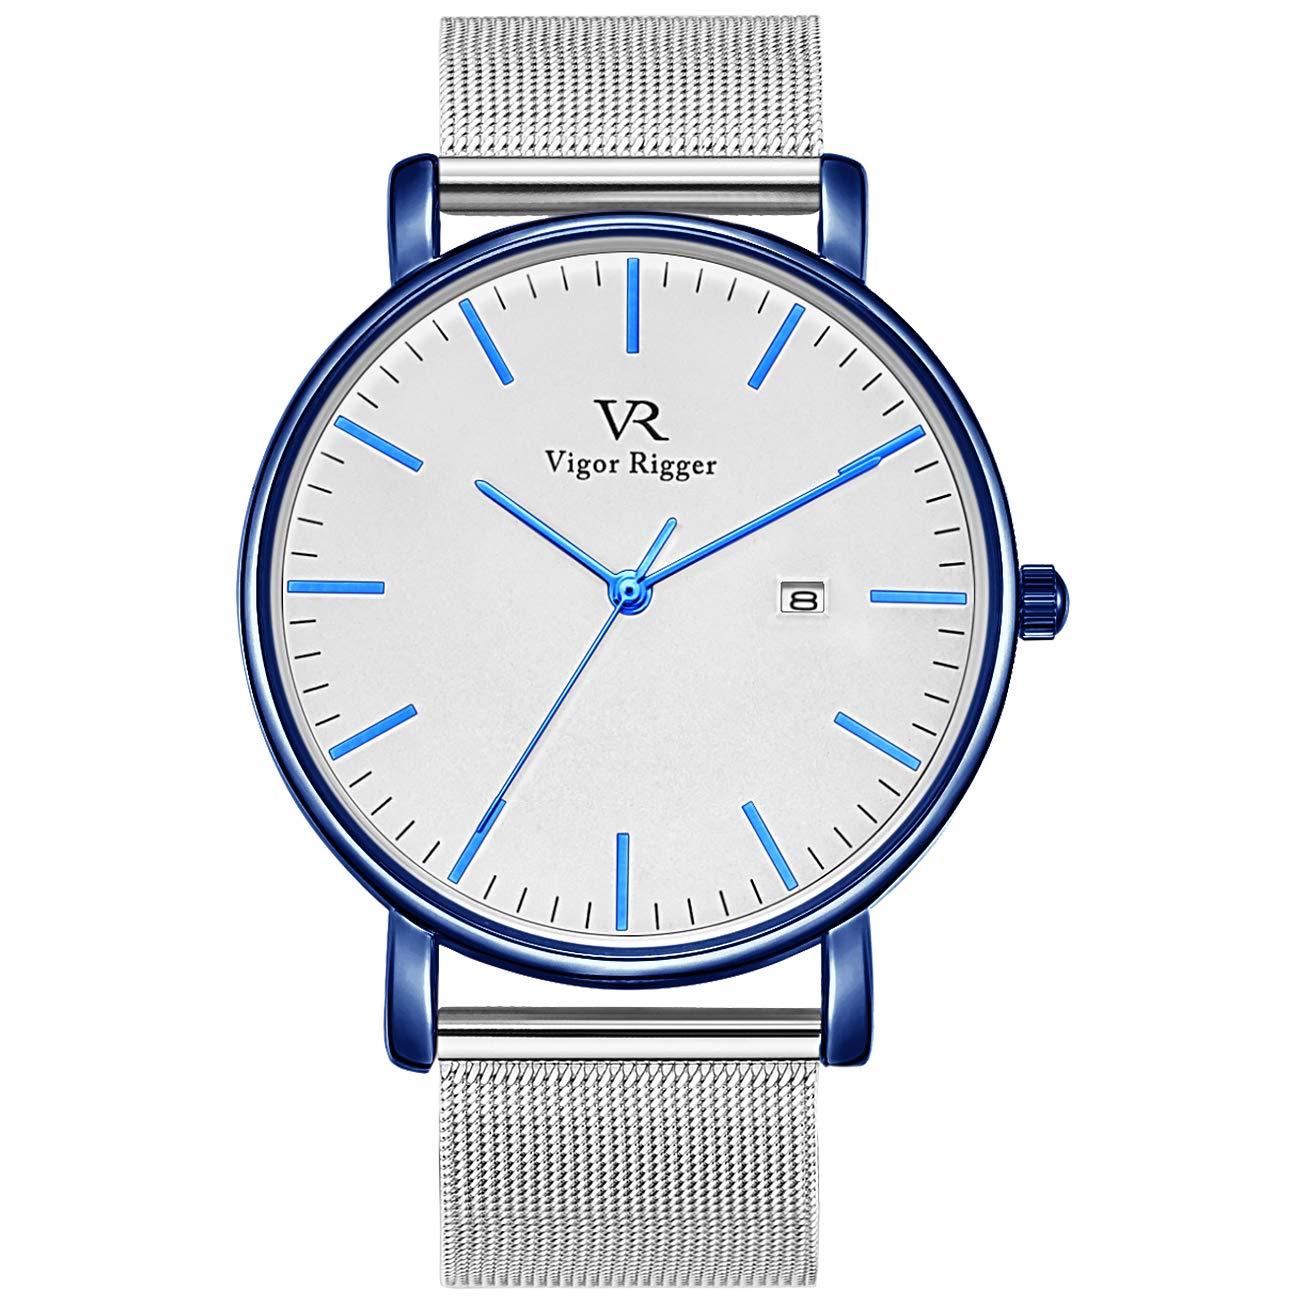 Vigor Rigger Reloj de Cuarzo para Hombre y Mujer, Reloj de Pulsera Ultra Fino Negro para Hombre con Diseño Minimalista clásico con Calendario de Fecha y Correa de Malla milanesa